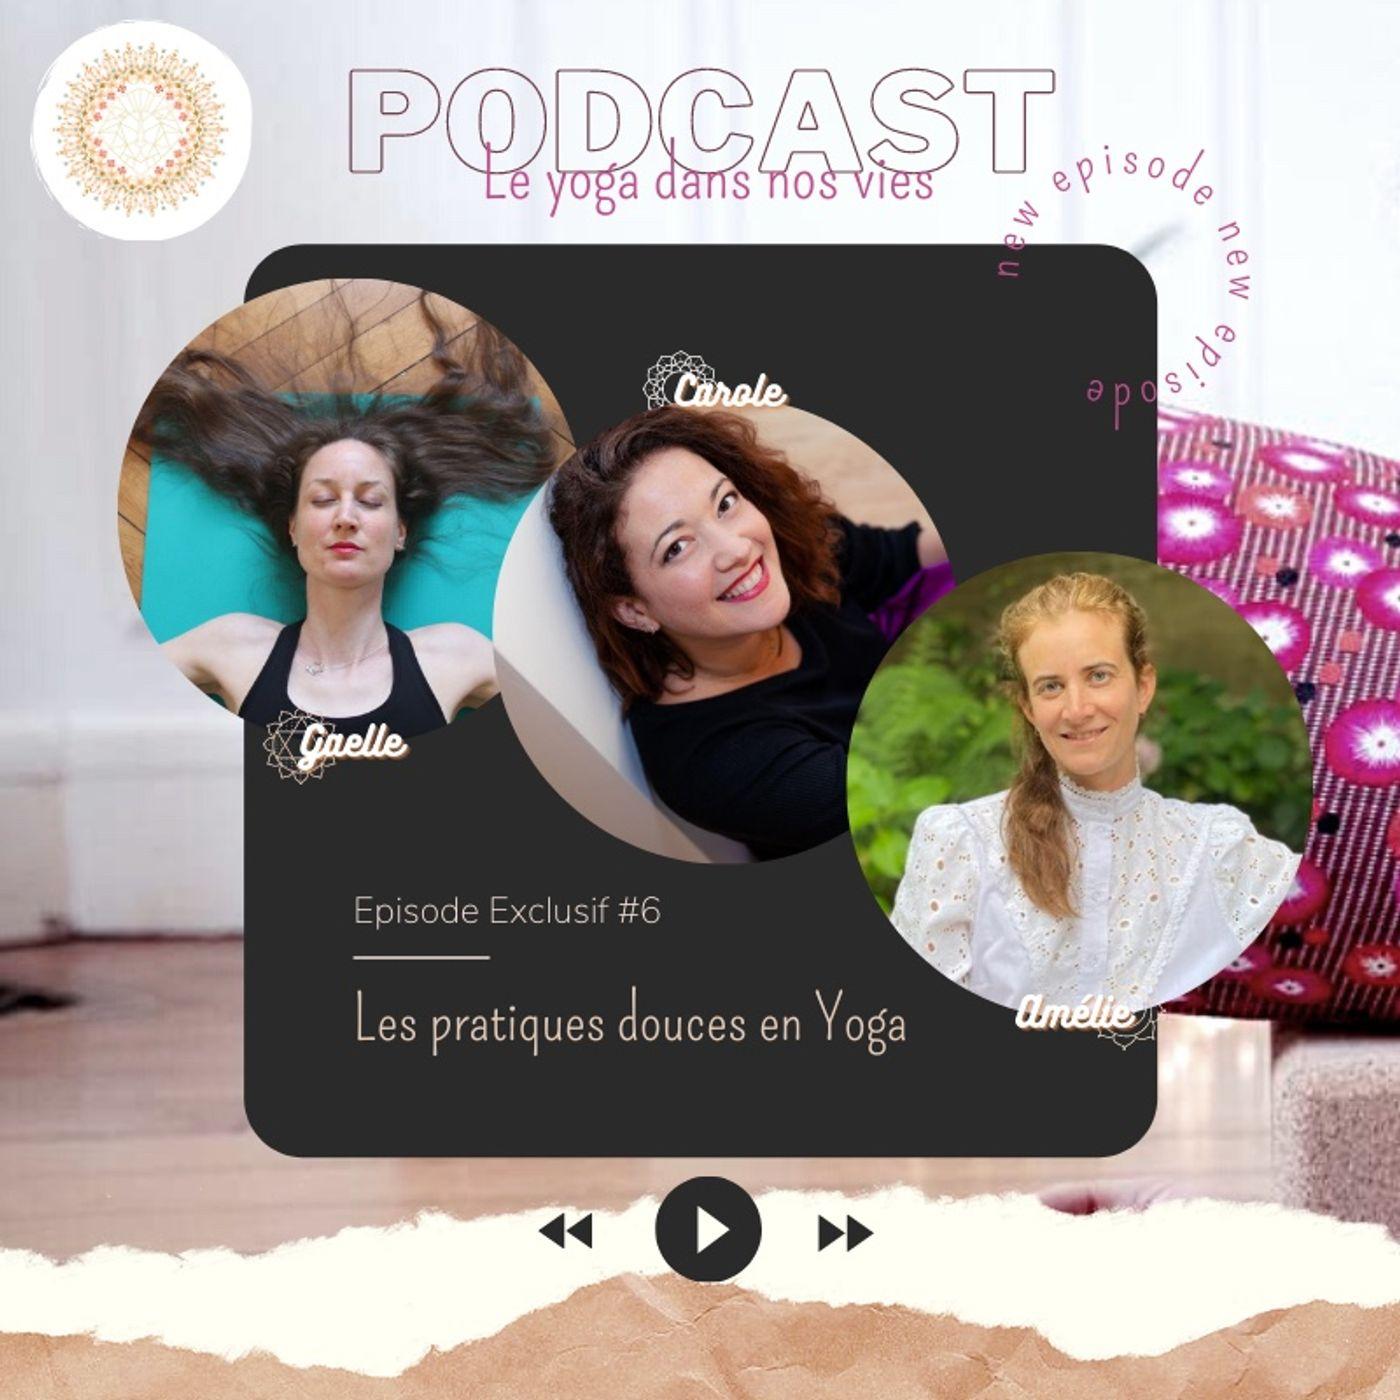 Exclu #6 : Les Pratiques Douces en Yoga avec Amélie, Carole & Gaëlle